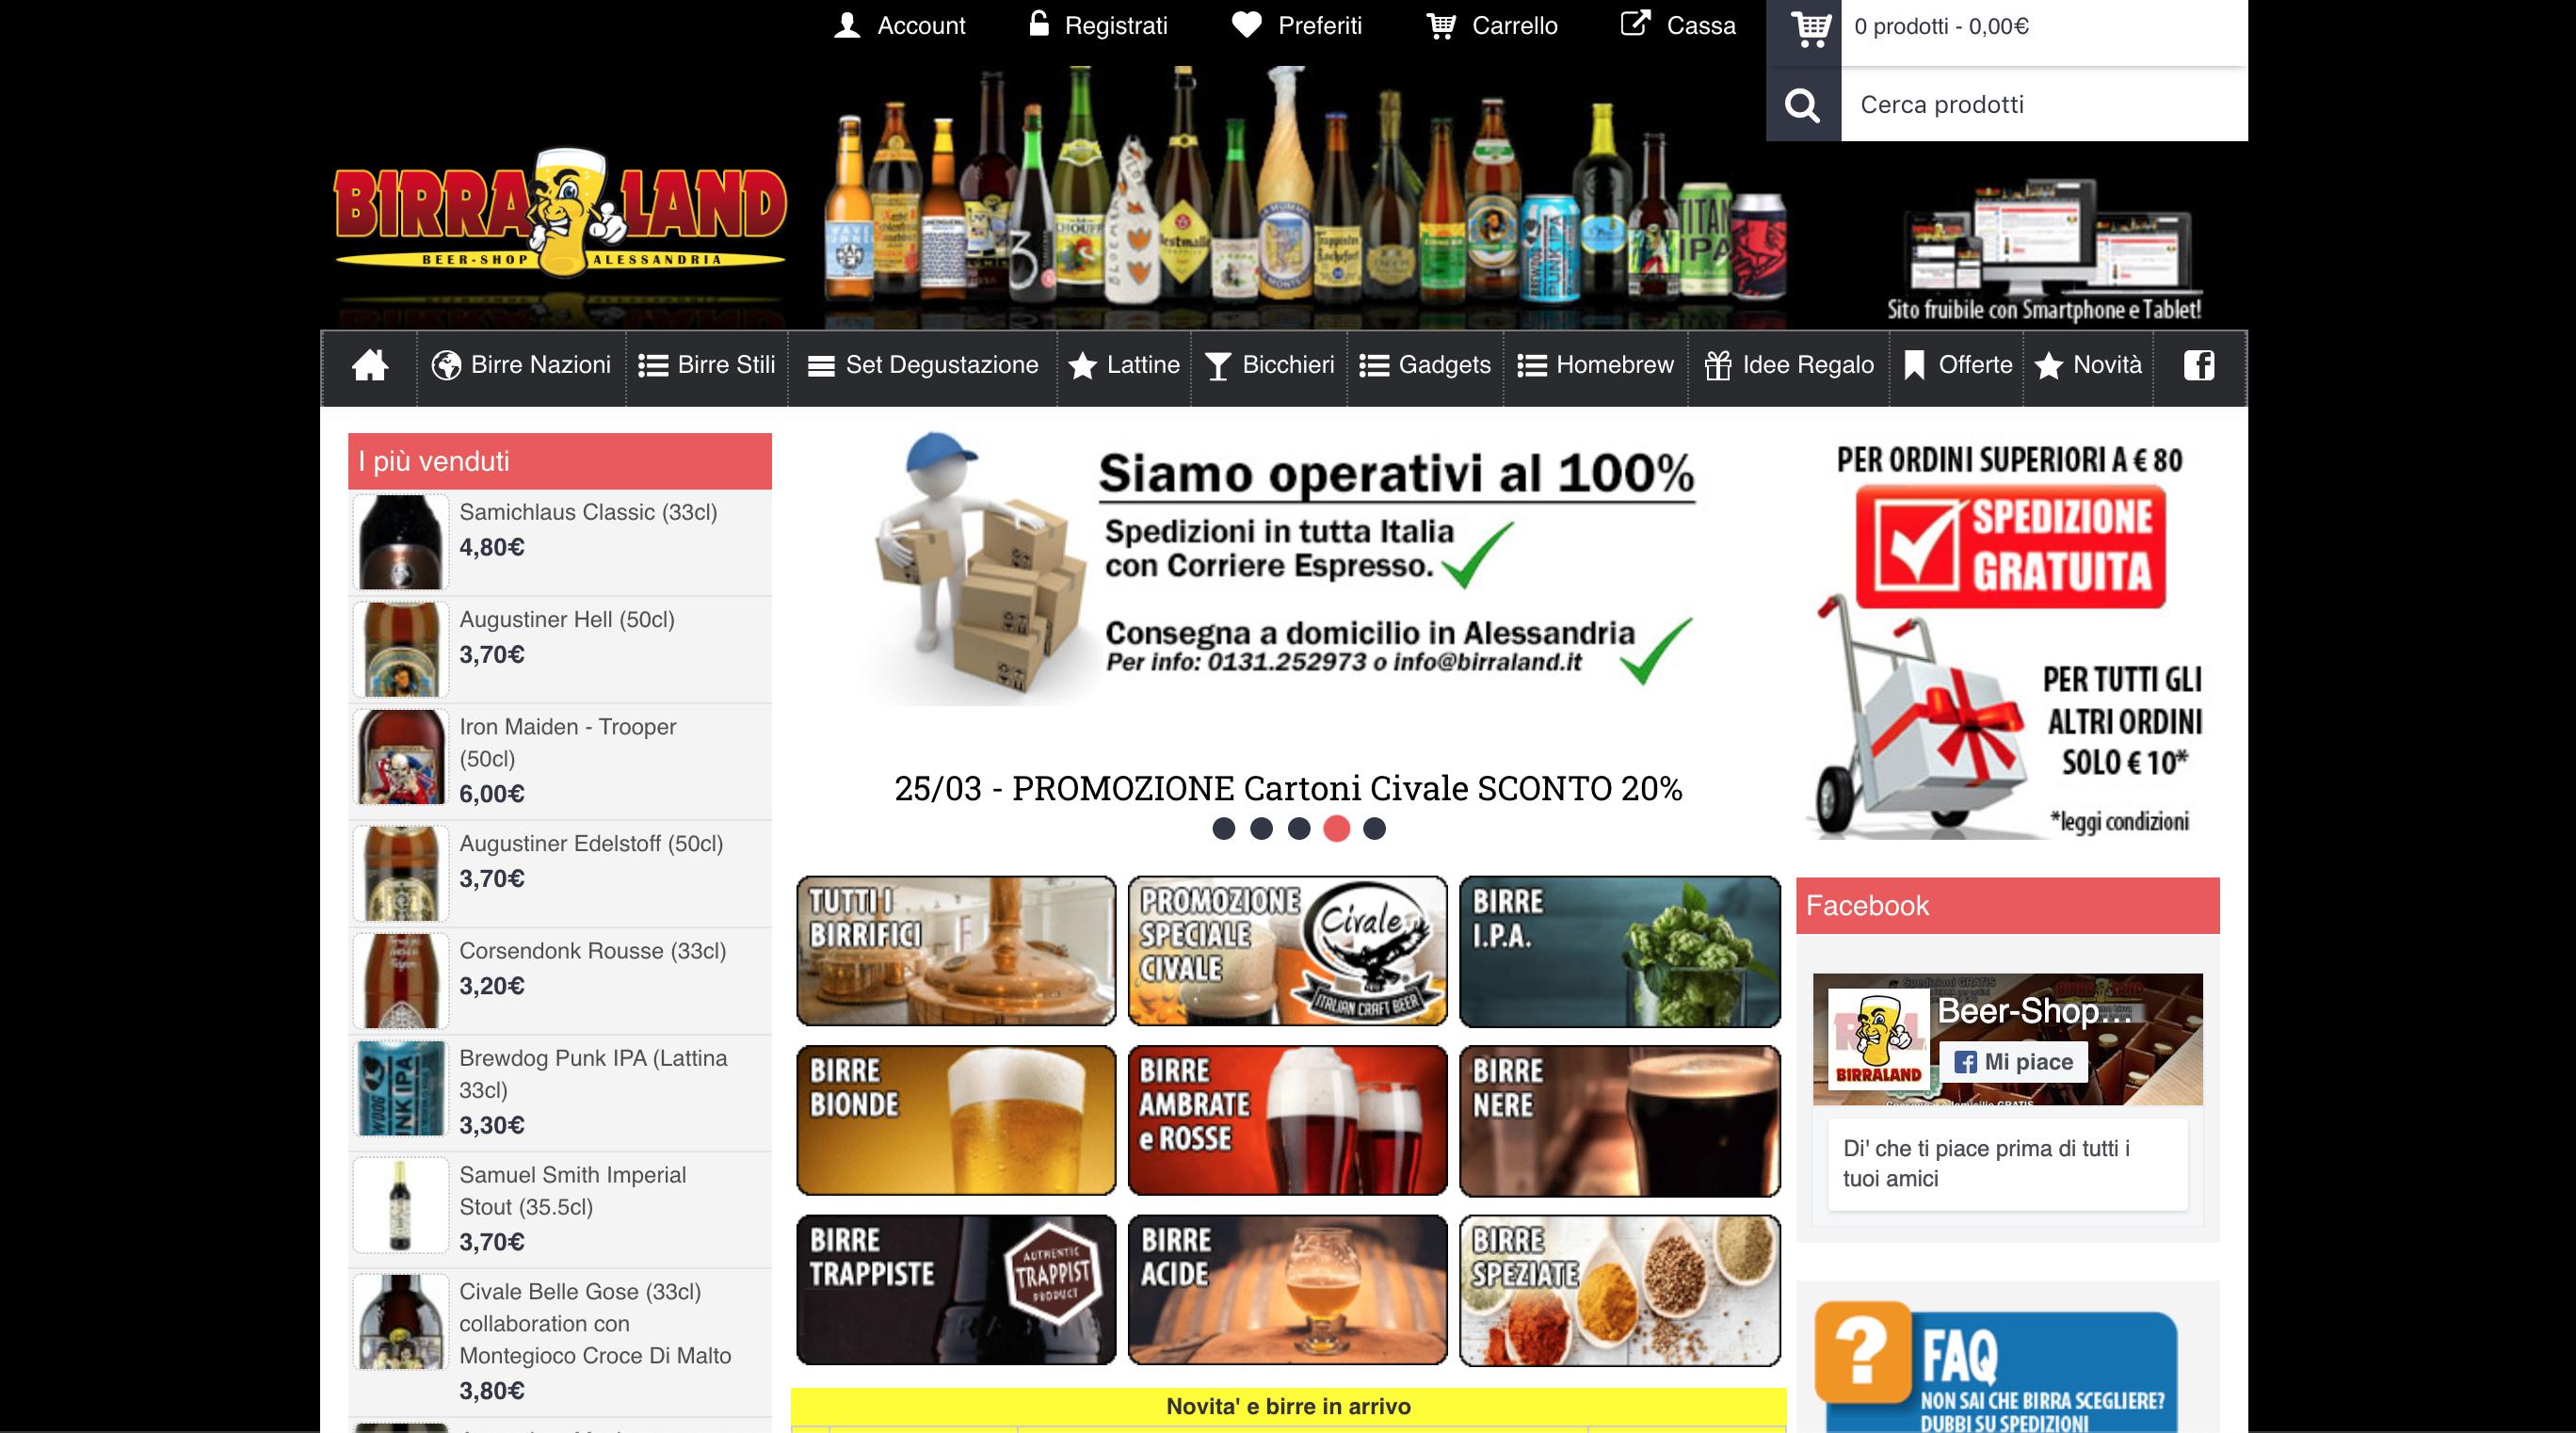 birraland dove comprare birra online